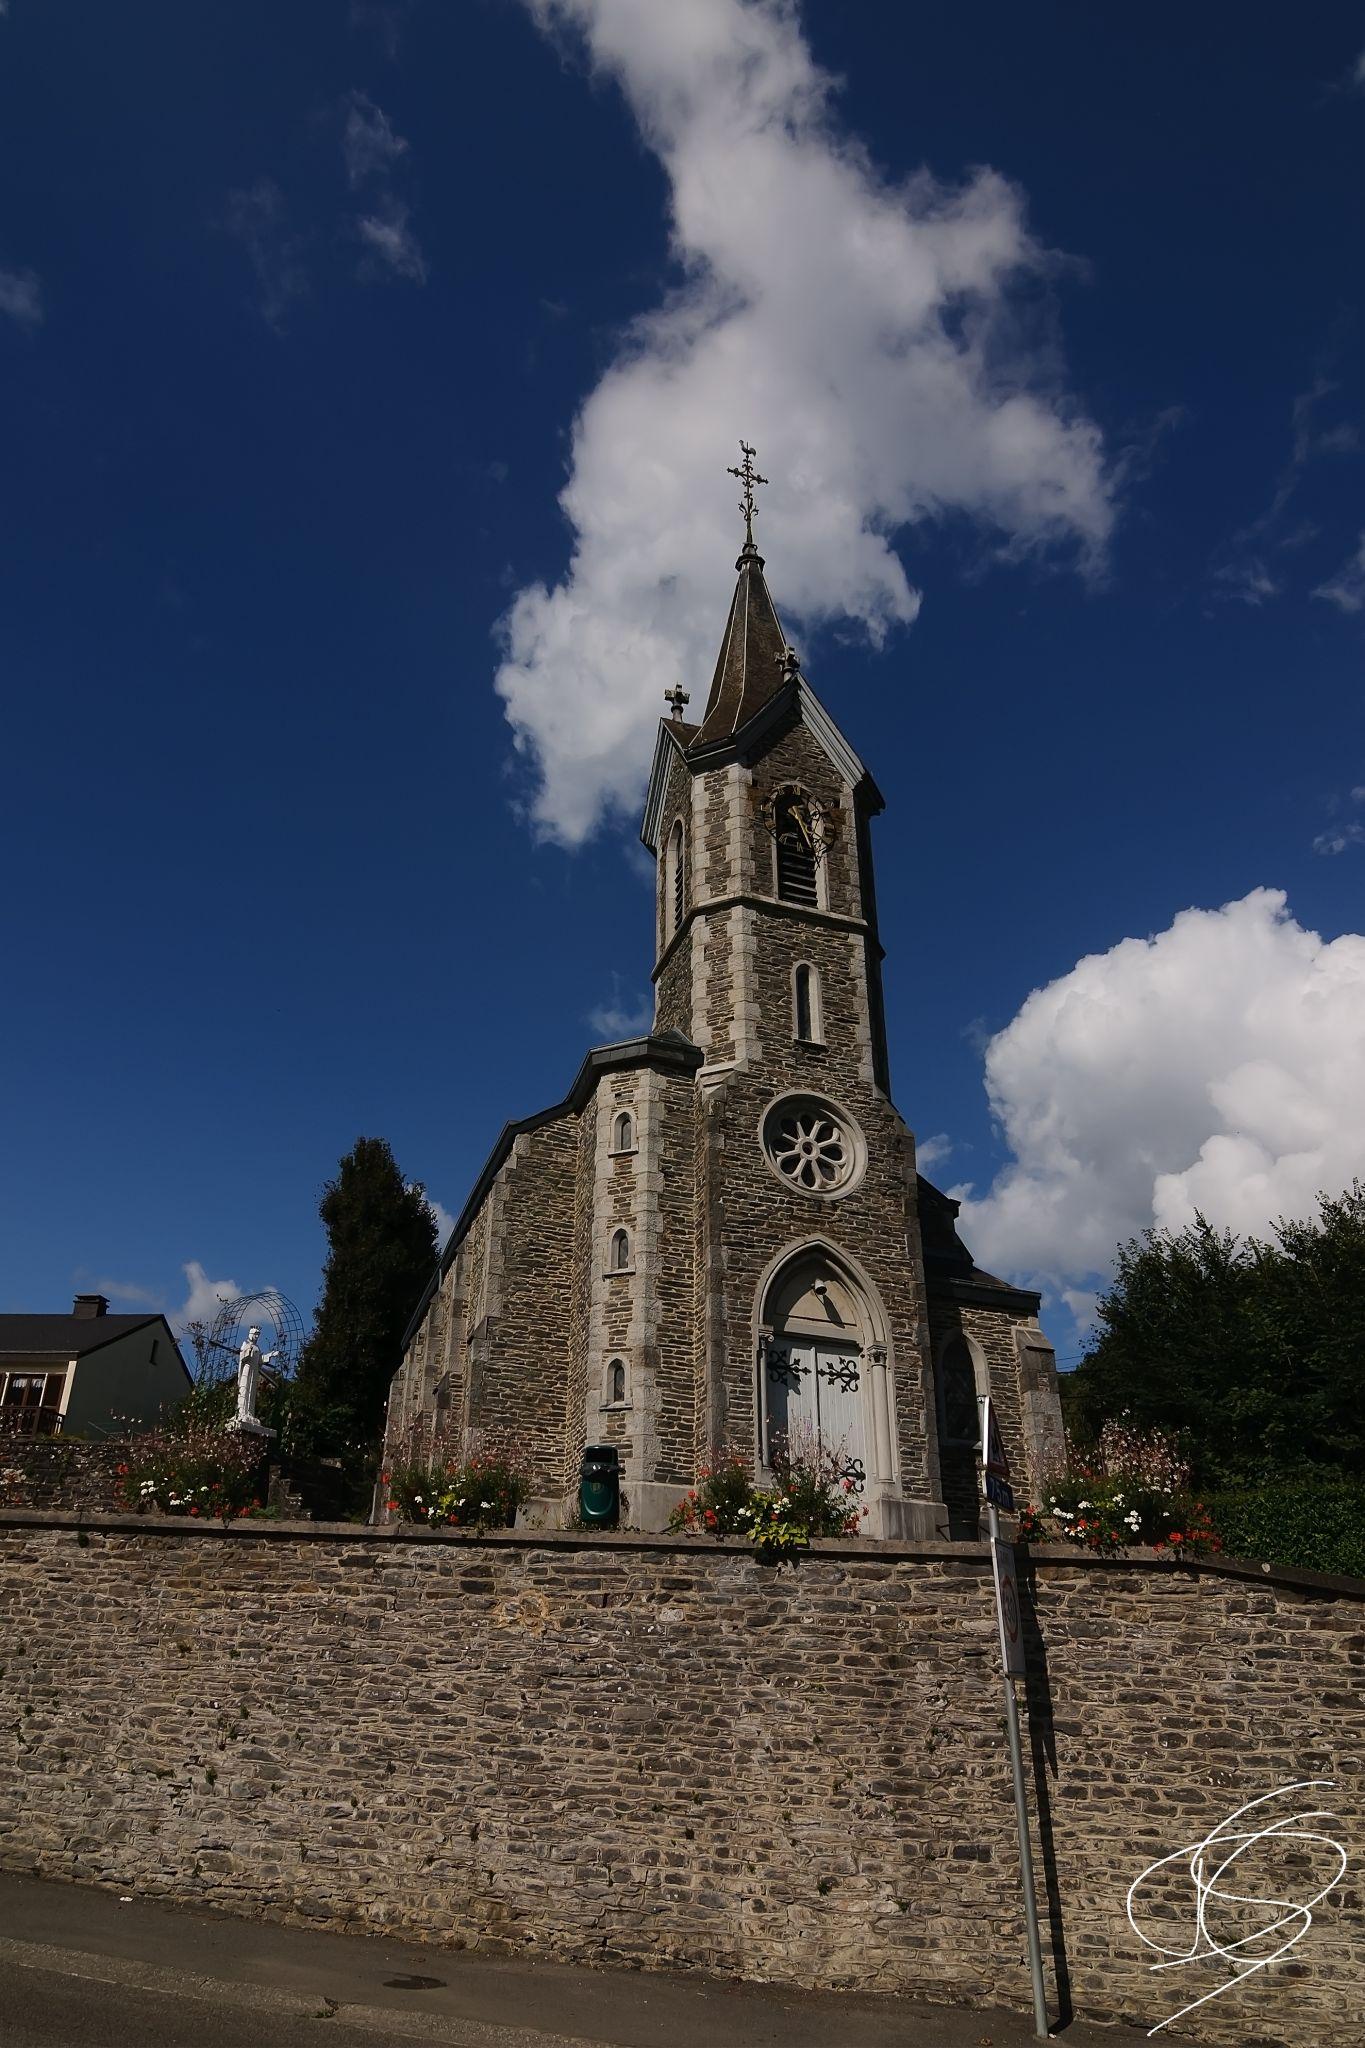 Belgium church by Daniël Schuiling